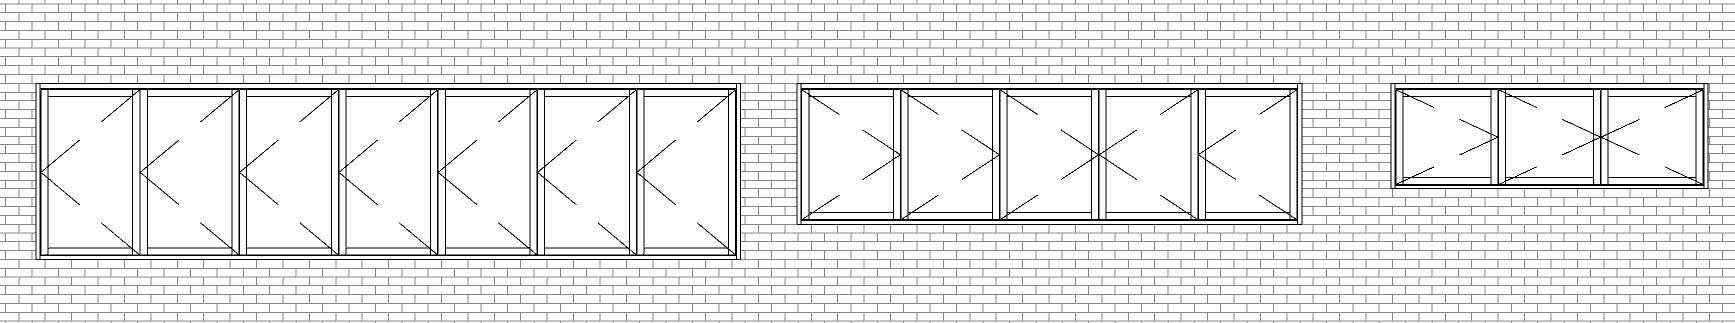 Images of Folding Door Elevation - Images Door Design